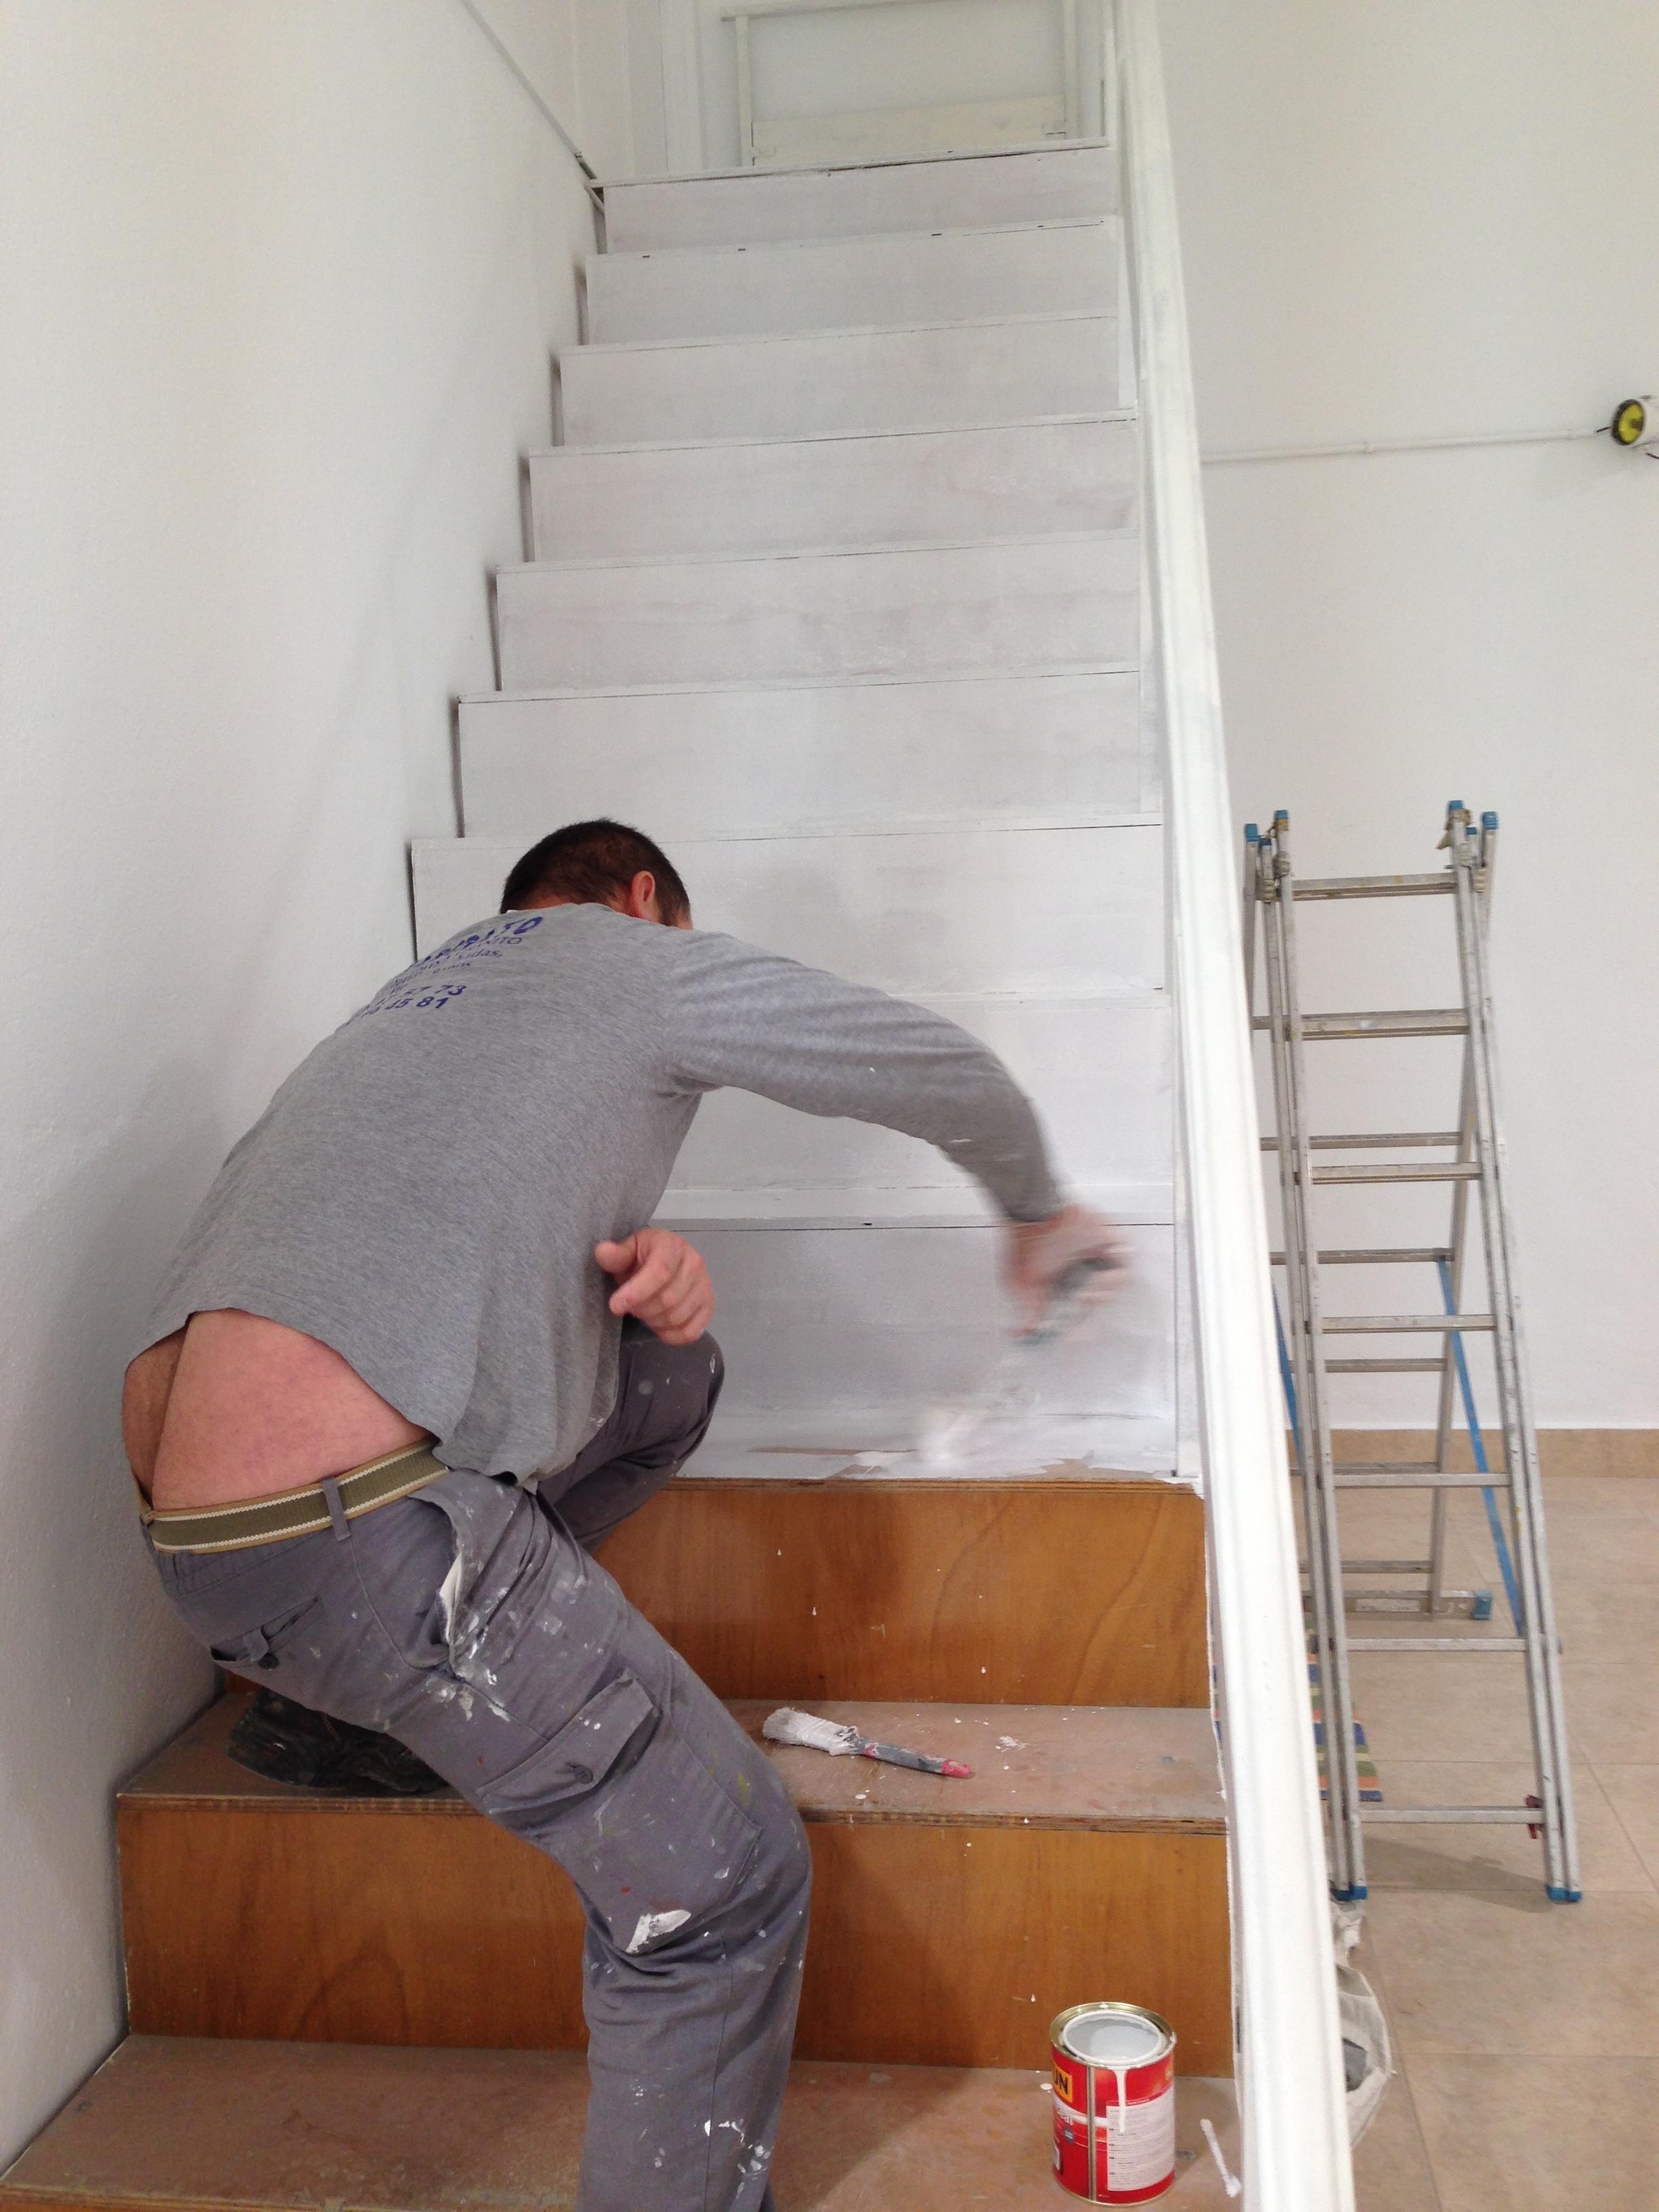 Pintar escalera obras y servicios m laga - Escaleras para pintar ...